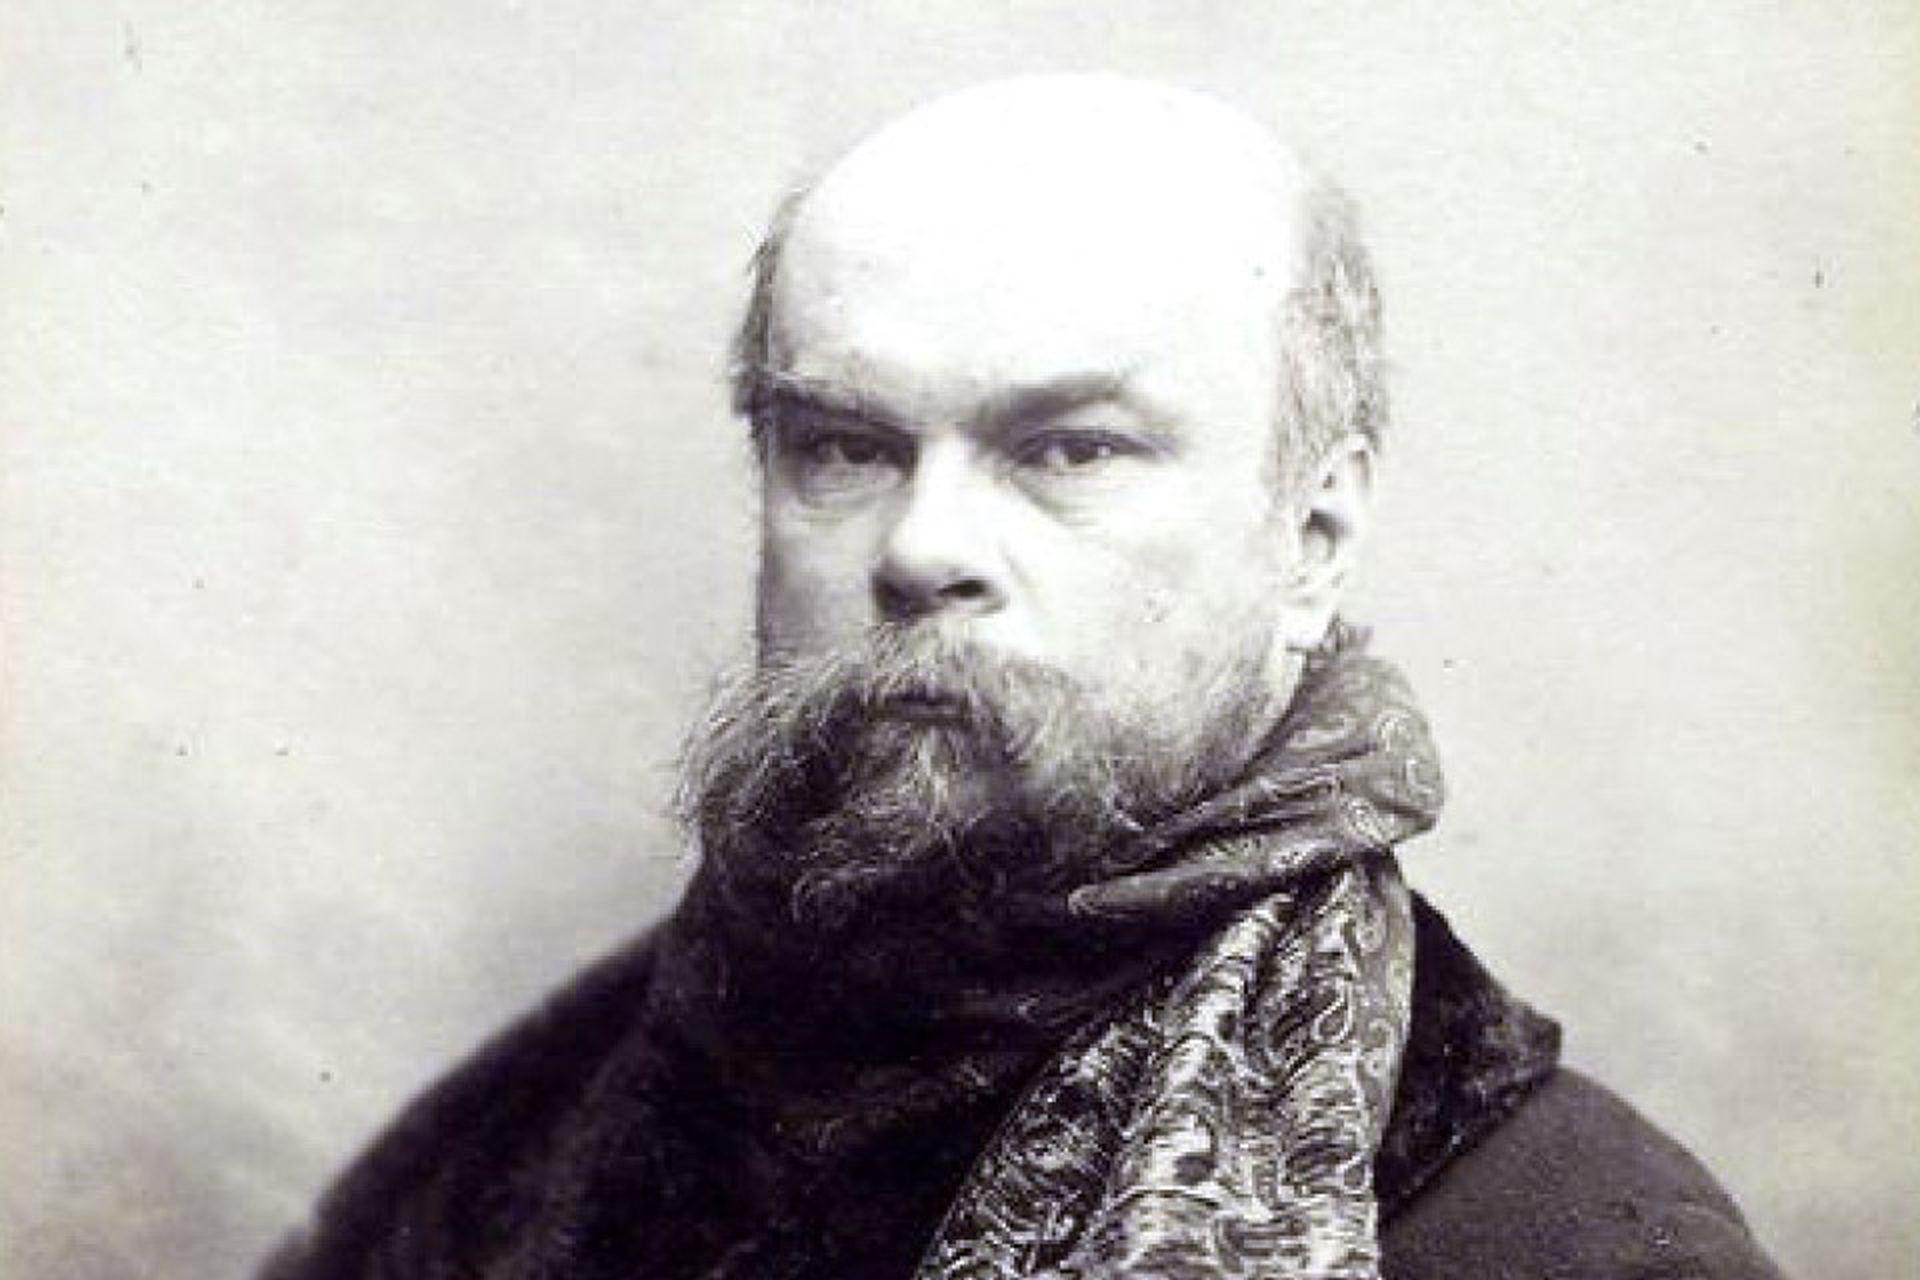 Paul Verlaine, era mayor que Rimbaud y mantuvo una tormentosa relación con él, aquí a los 49 años, retrato de Otto Wegener